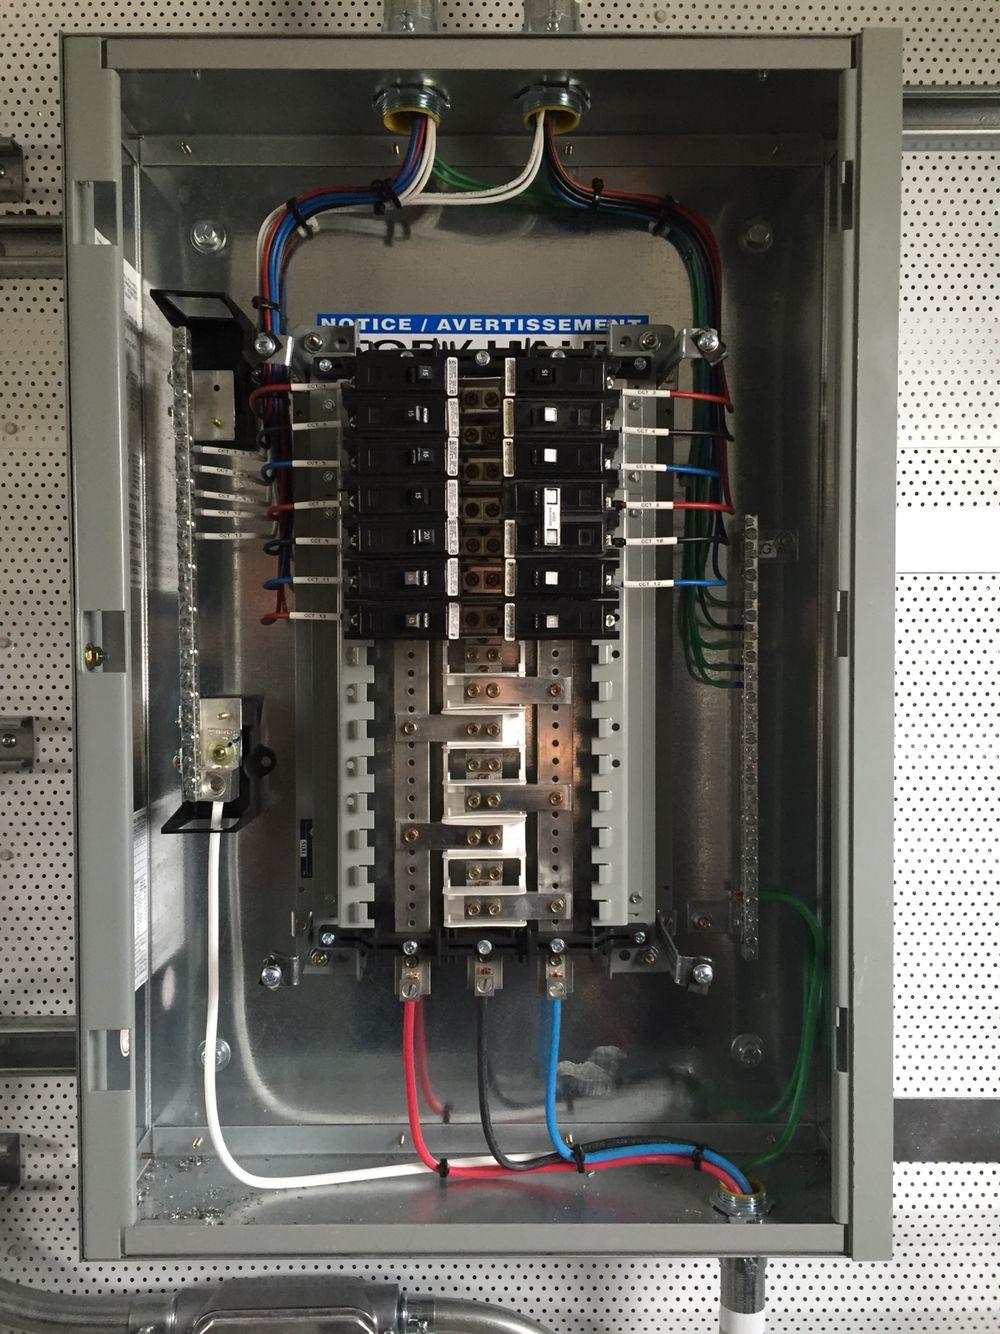 Lighting panel | Electricidad, Proyectos eléctricos, Cableado eléctricoPinterest